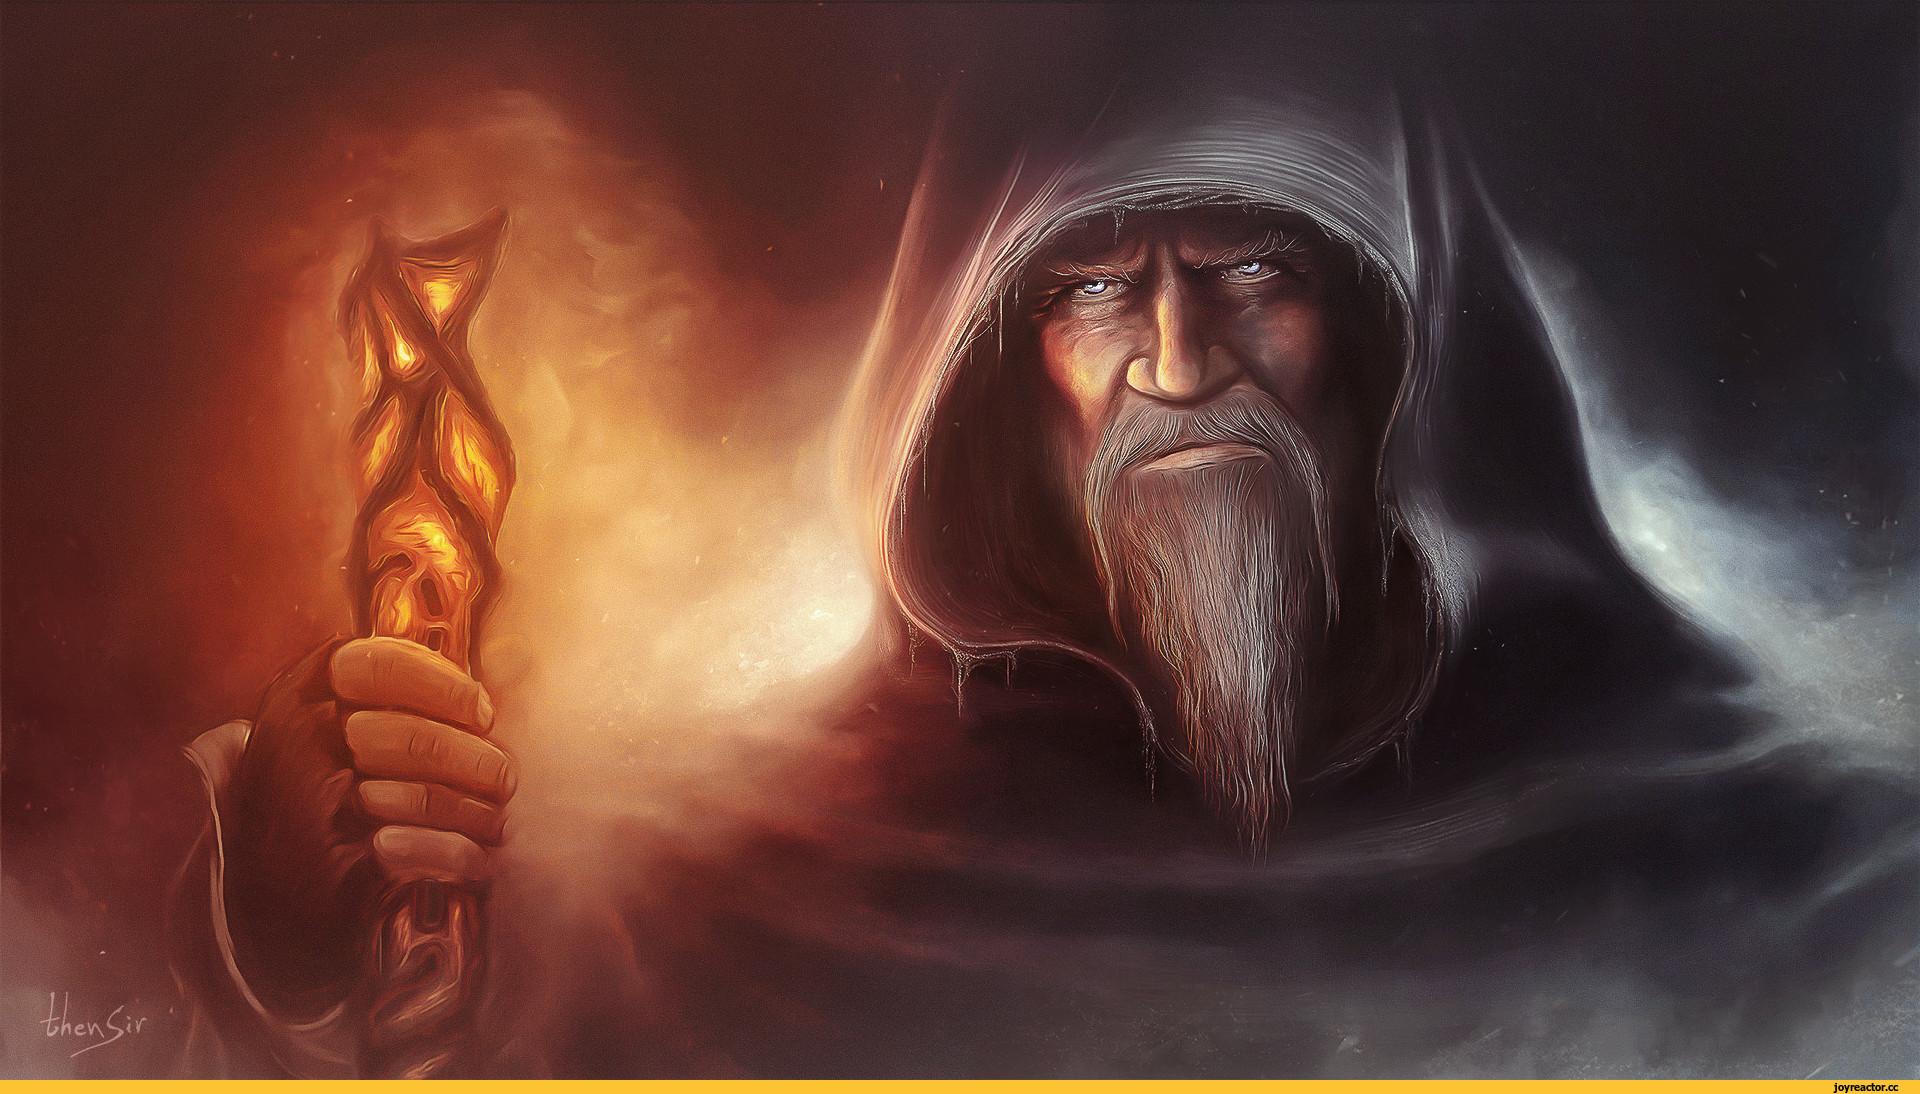 Хто такий бальтазар - демон, волхв, лжепапа, магістр ордена або цар